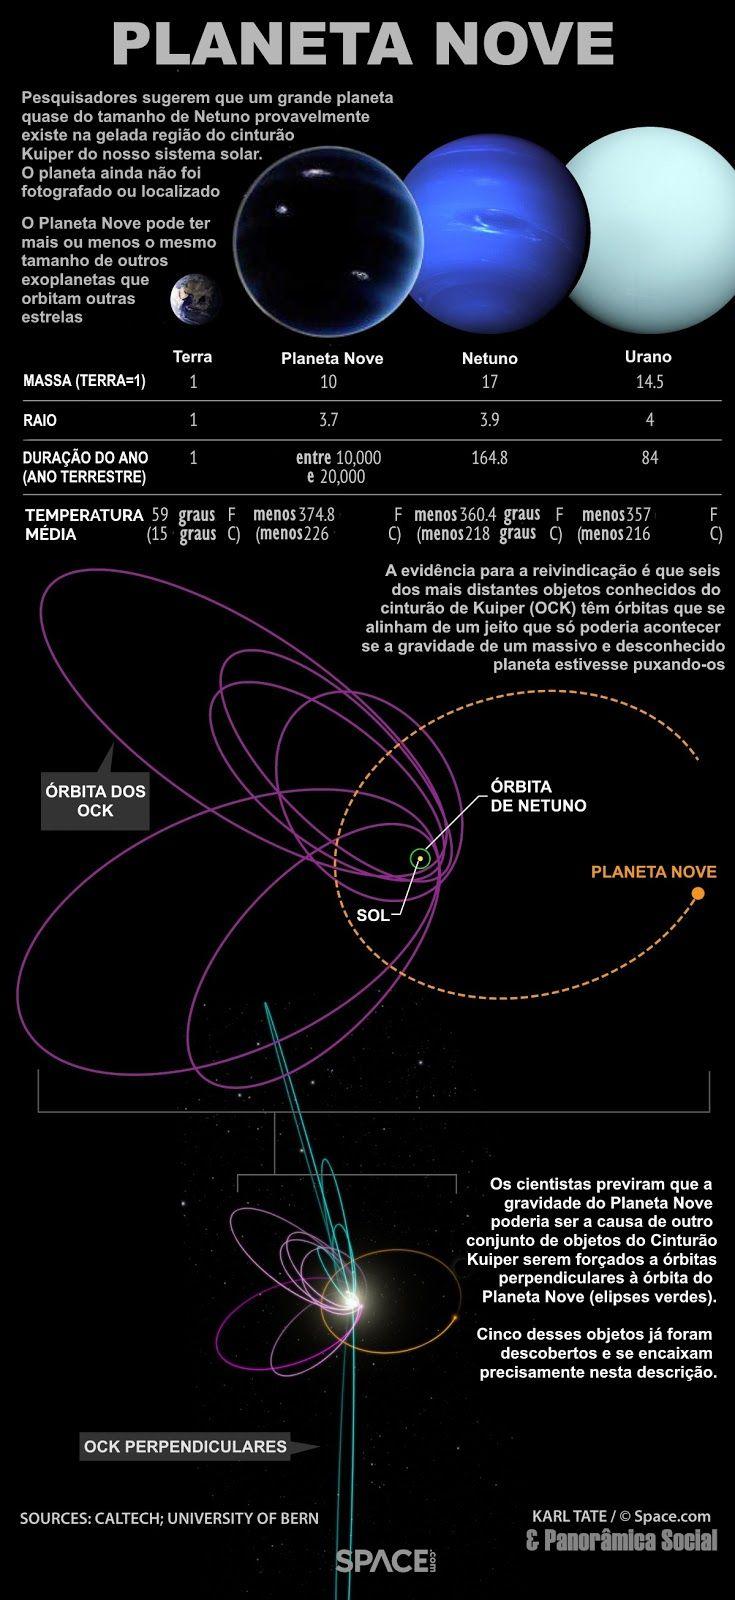 Os pesquisadores sugeriram que este planeta putativo é talvez duas a 15 vezes mais massivo que a Terra e encontra-se centenas de unidades astronômicas (UA) do sol. (Uma UA é a distância da Terra ao Sol, a cerca de 93 milhões de milhas, ou 150 milhões de quilômetros)